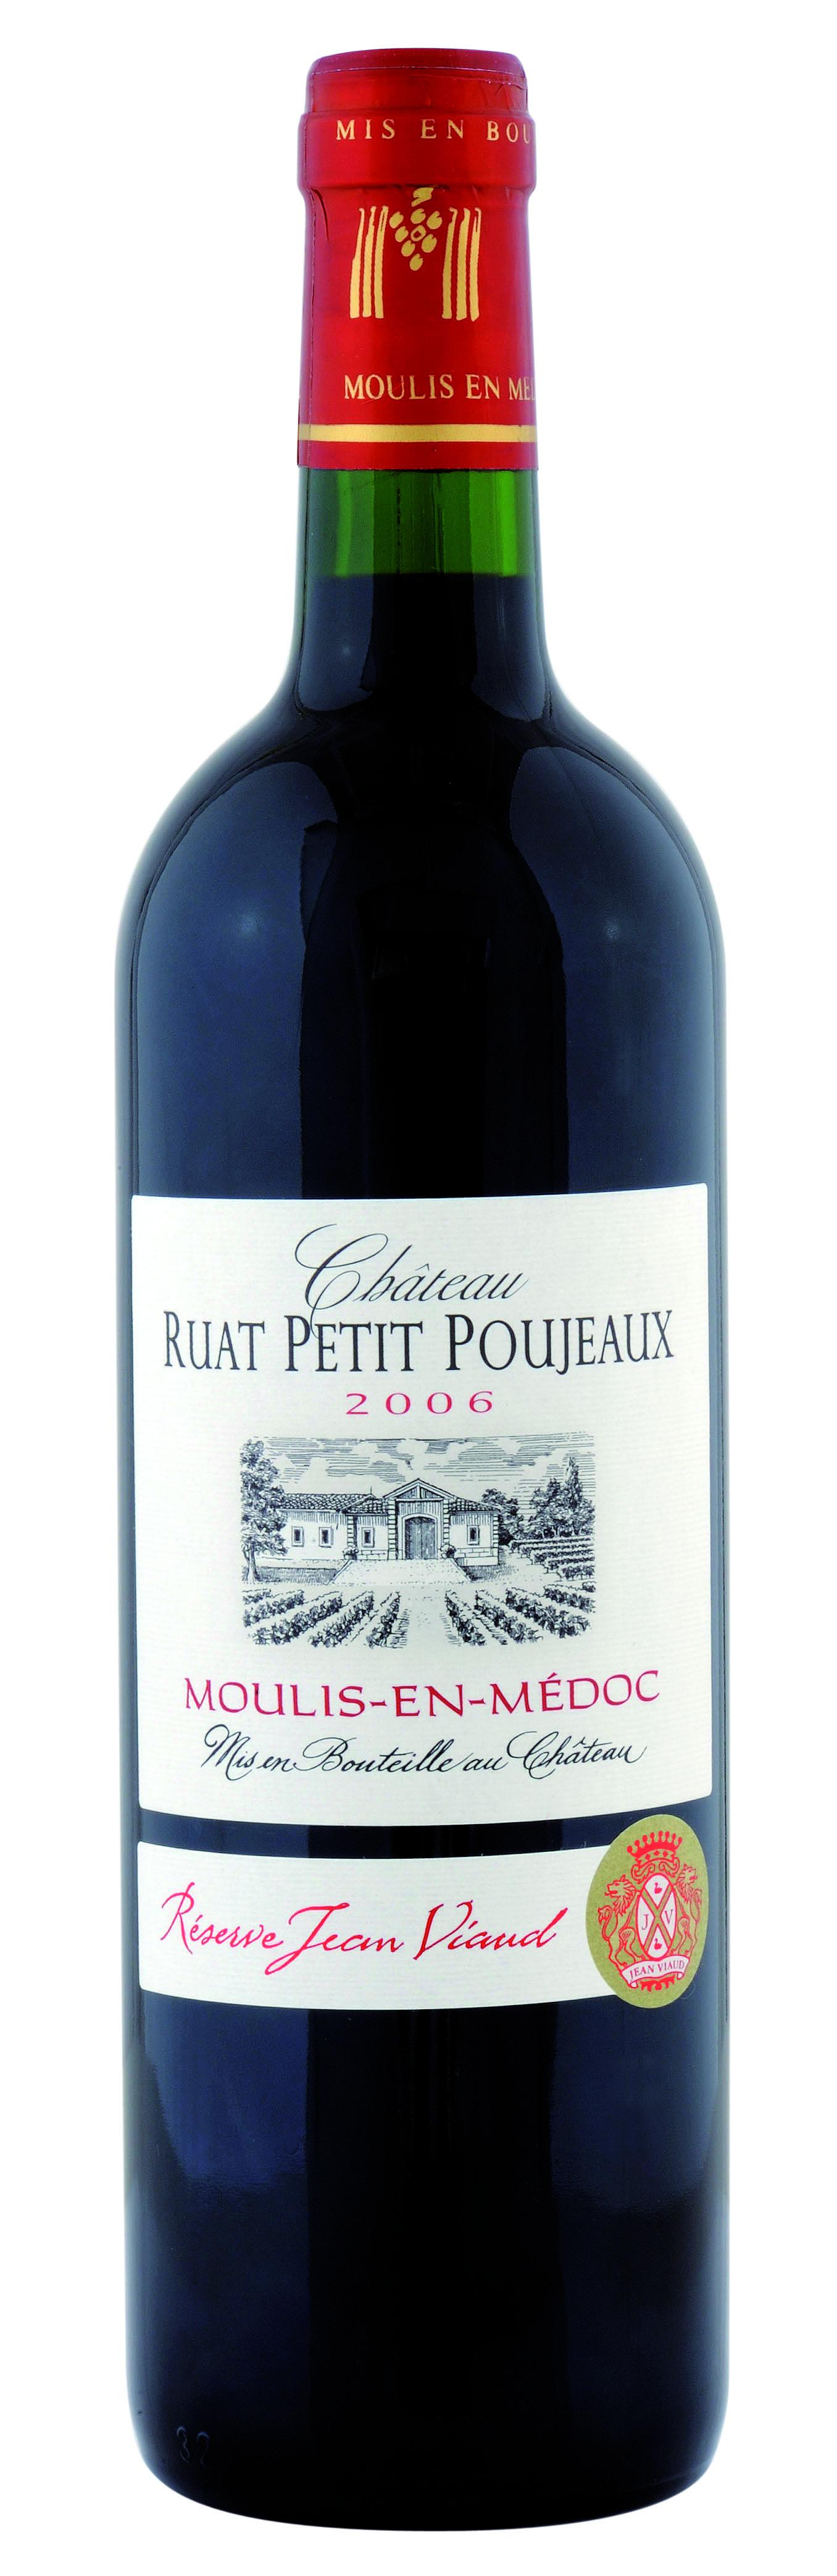 Château Ruat Petit Poujeaux - Bouteille (2006 Jean Viaud)